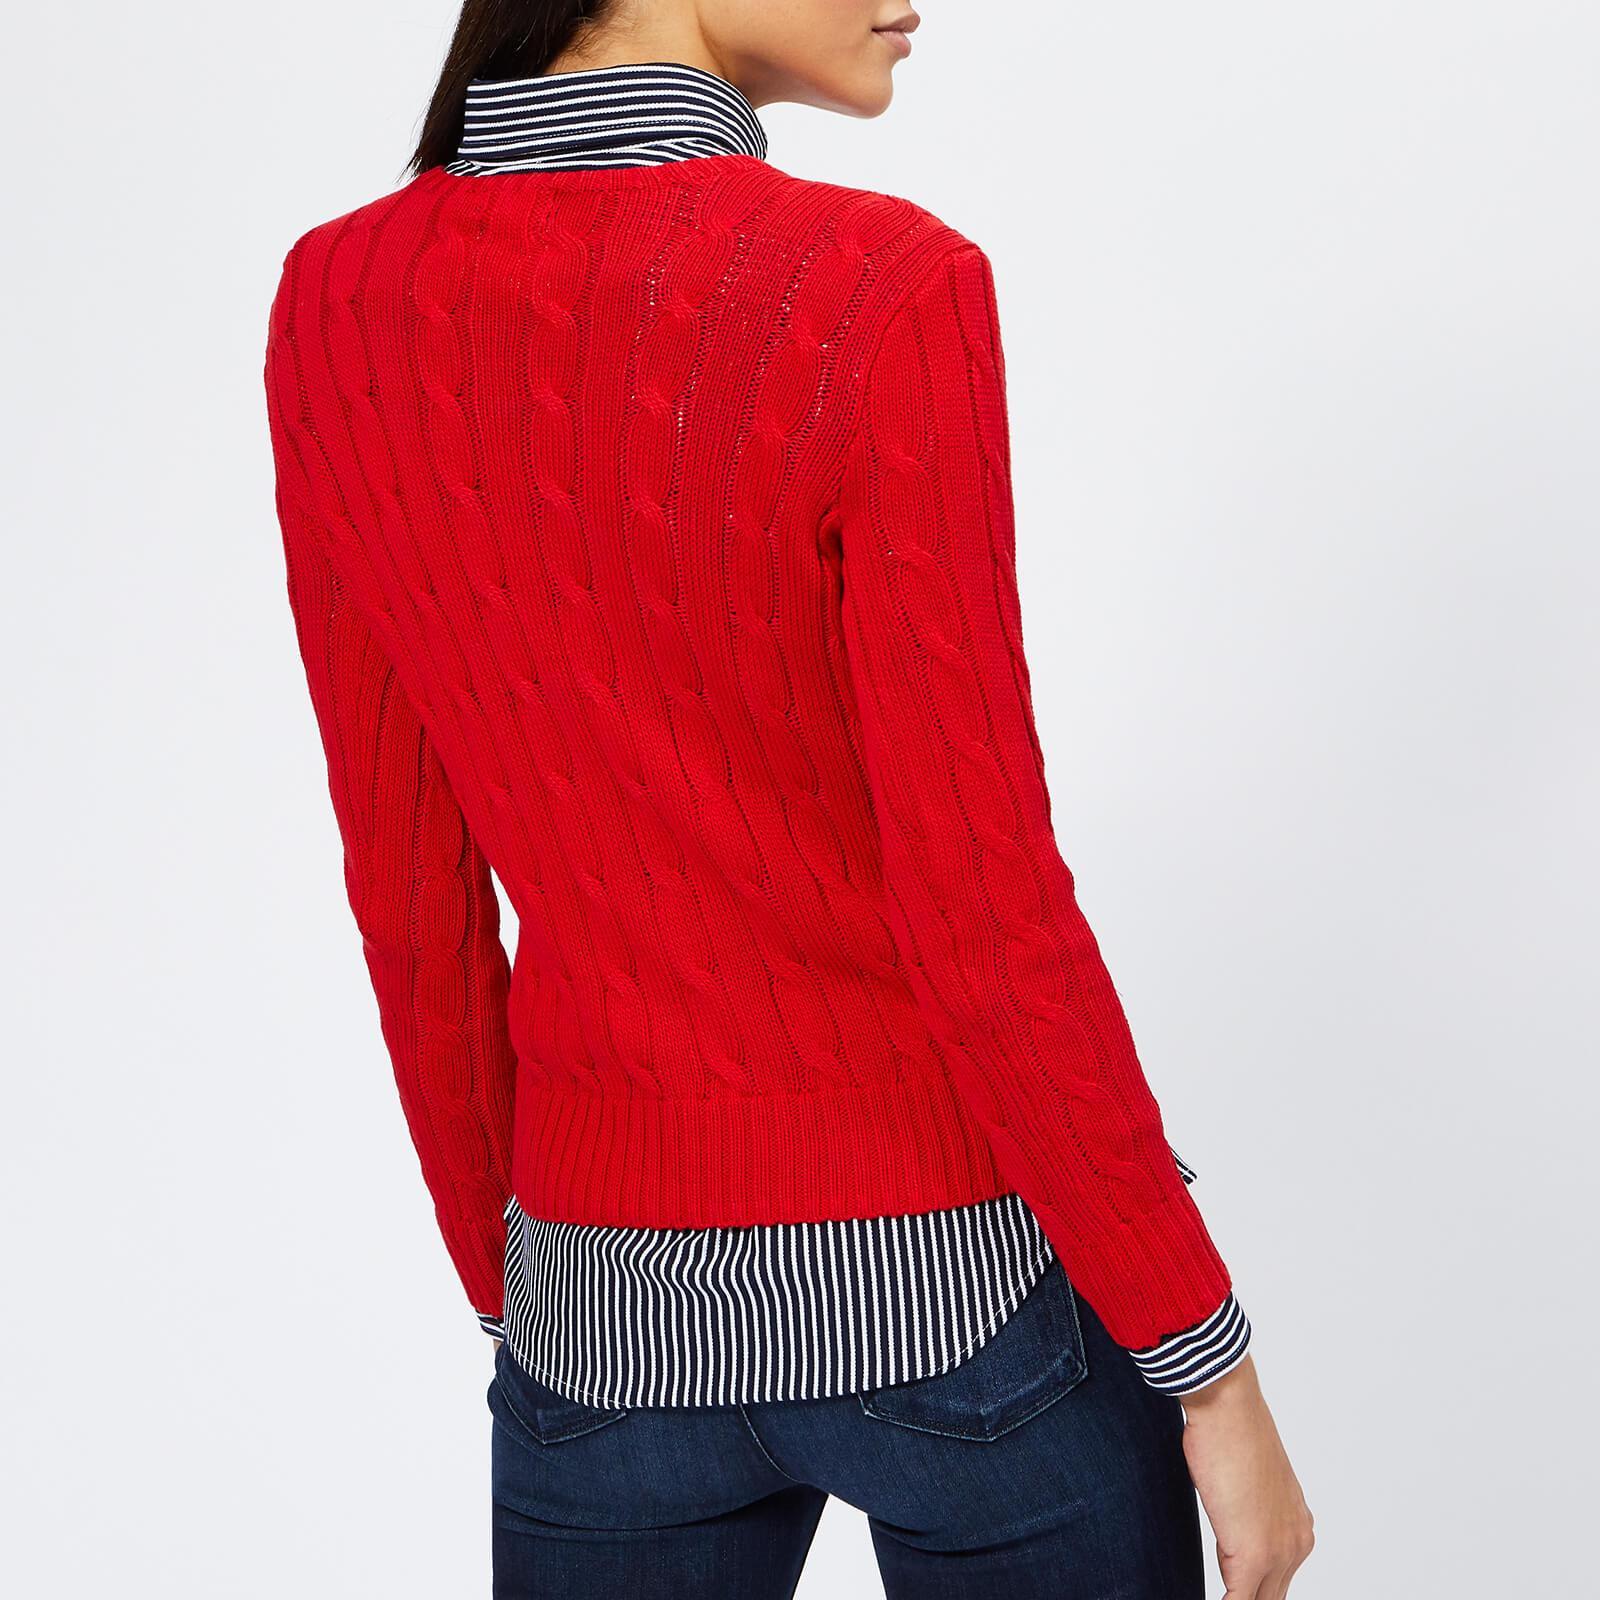 6d96e6b43951 Polo Ralph Lauren - Red Julianna Jumper - Lyst. View fullscreen